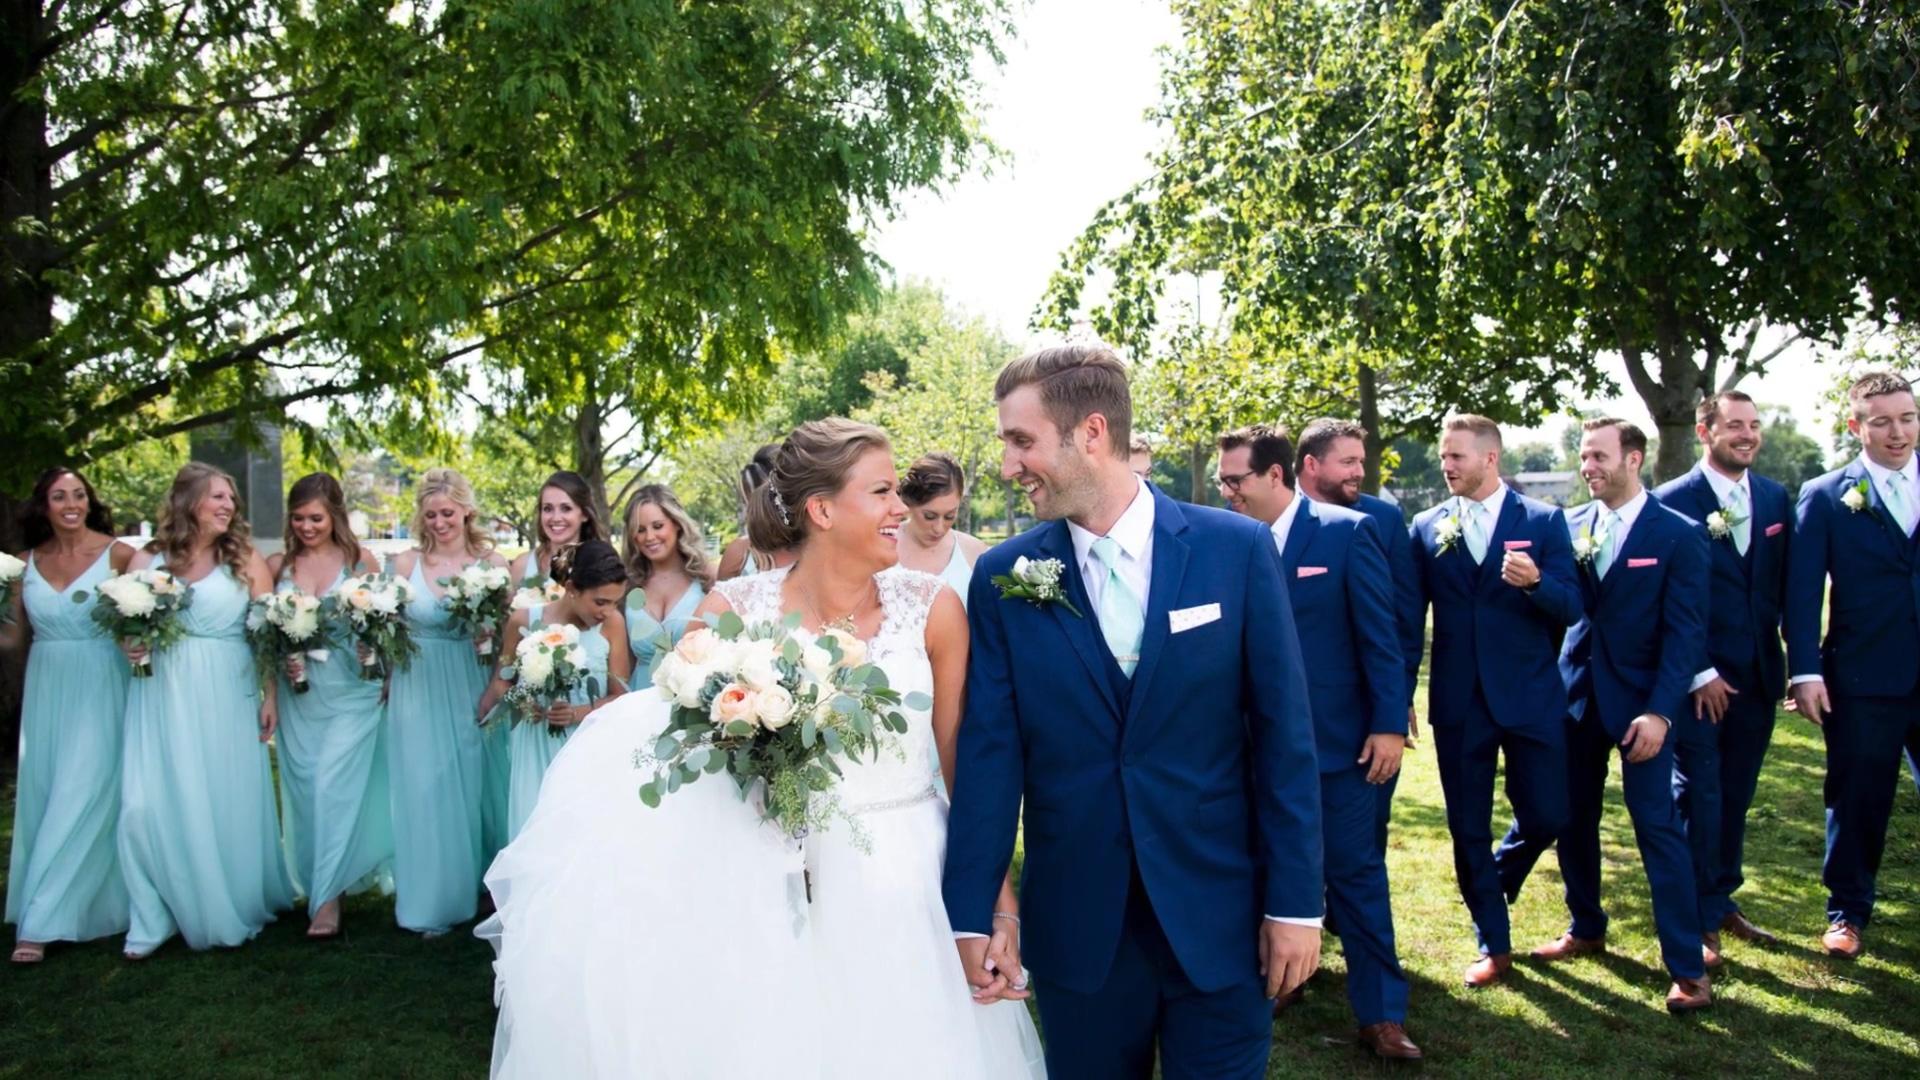 2020_Wedding_Photos_at_Argyle_Park_1080p